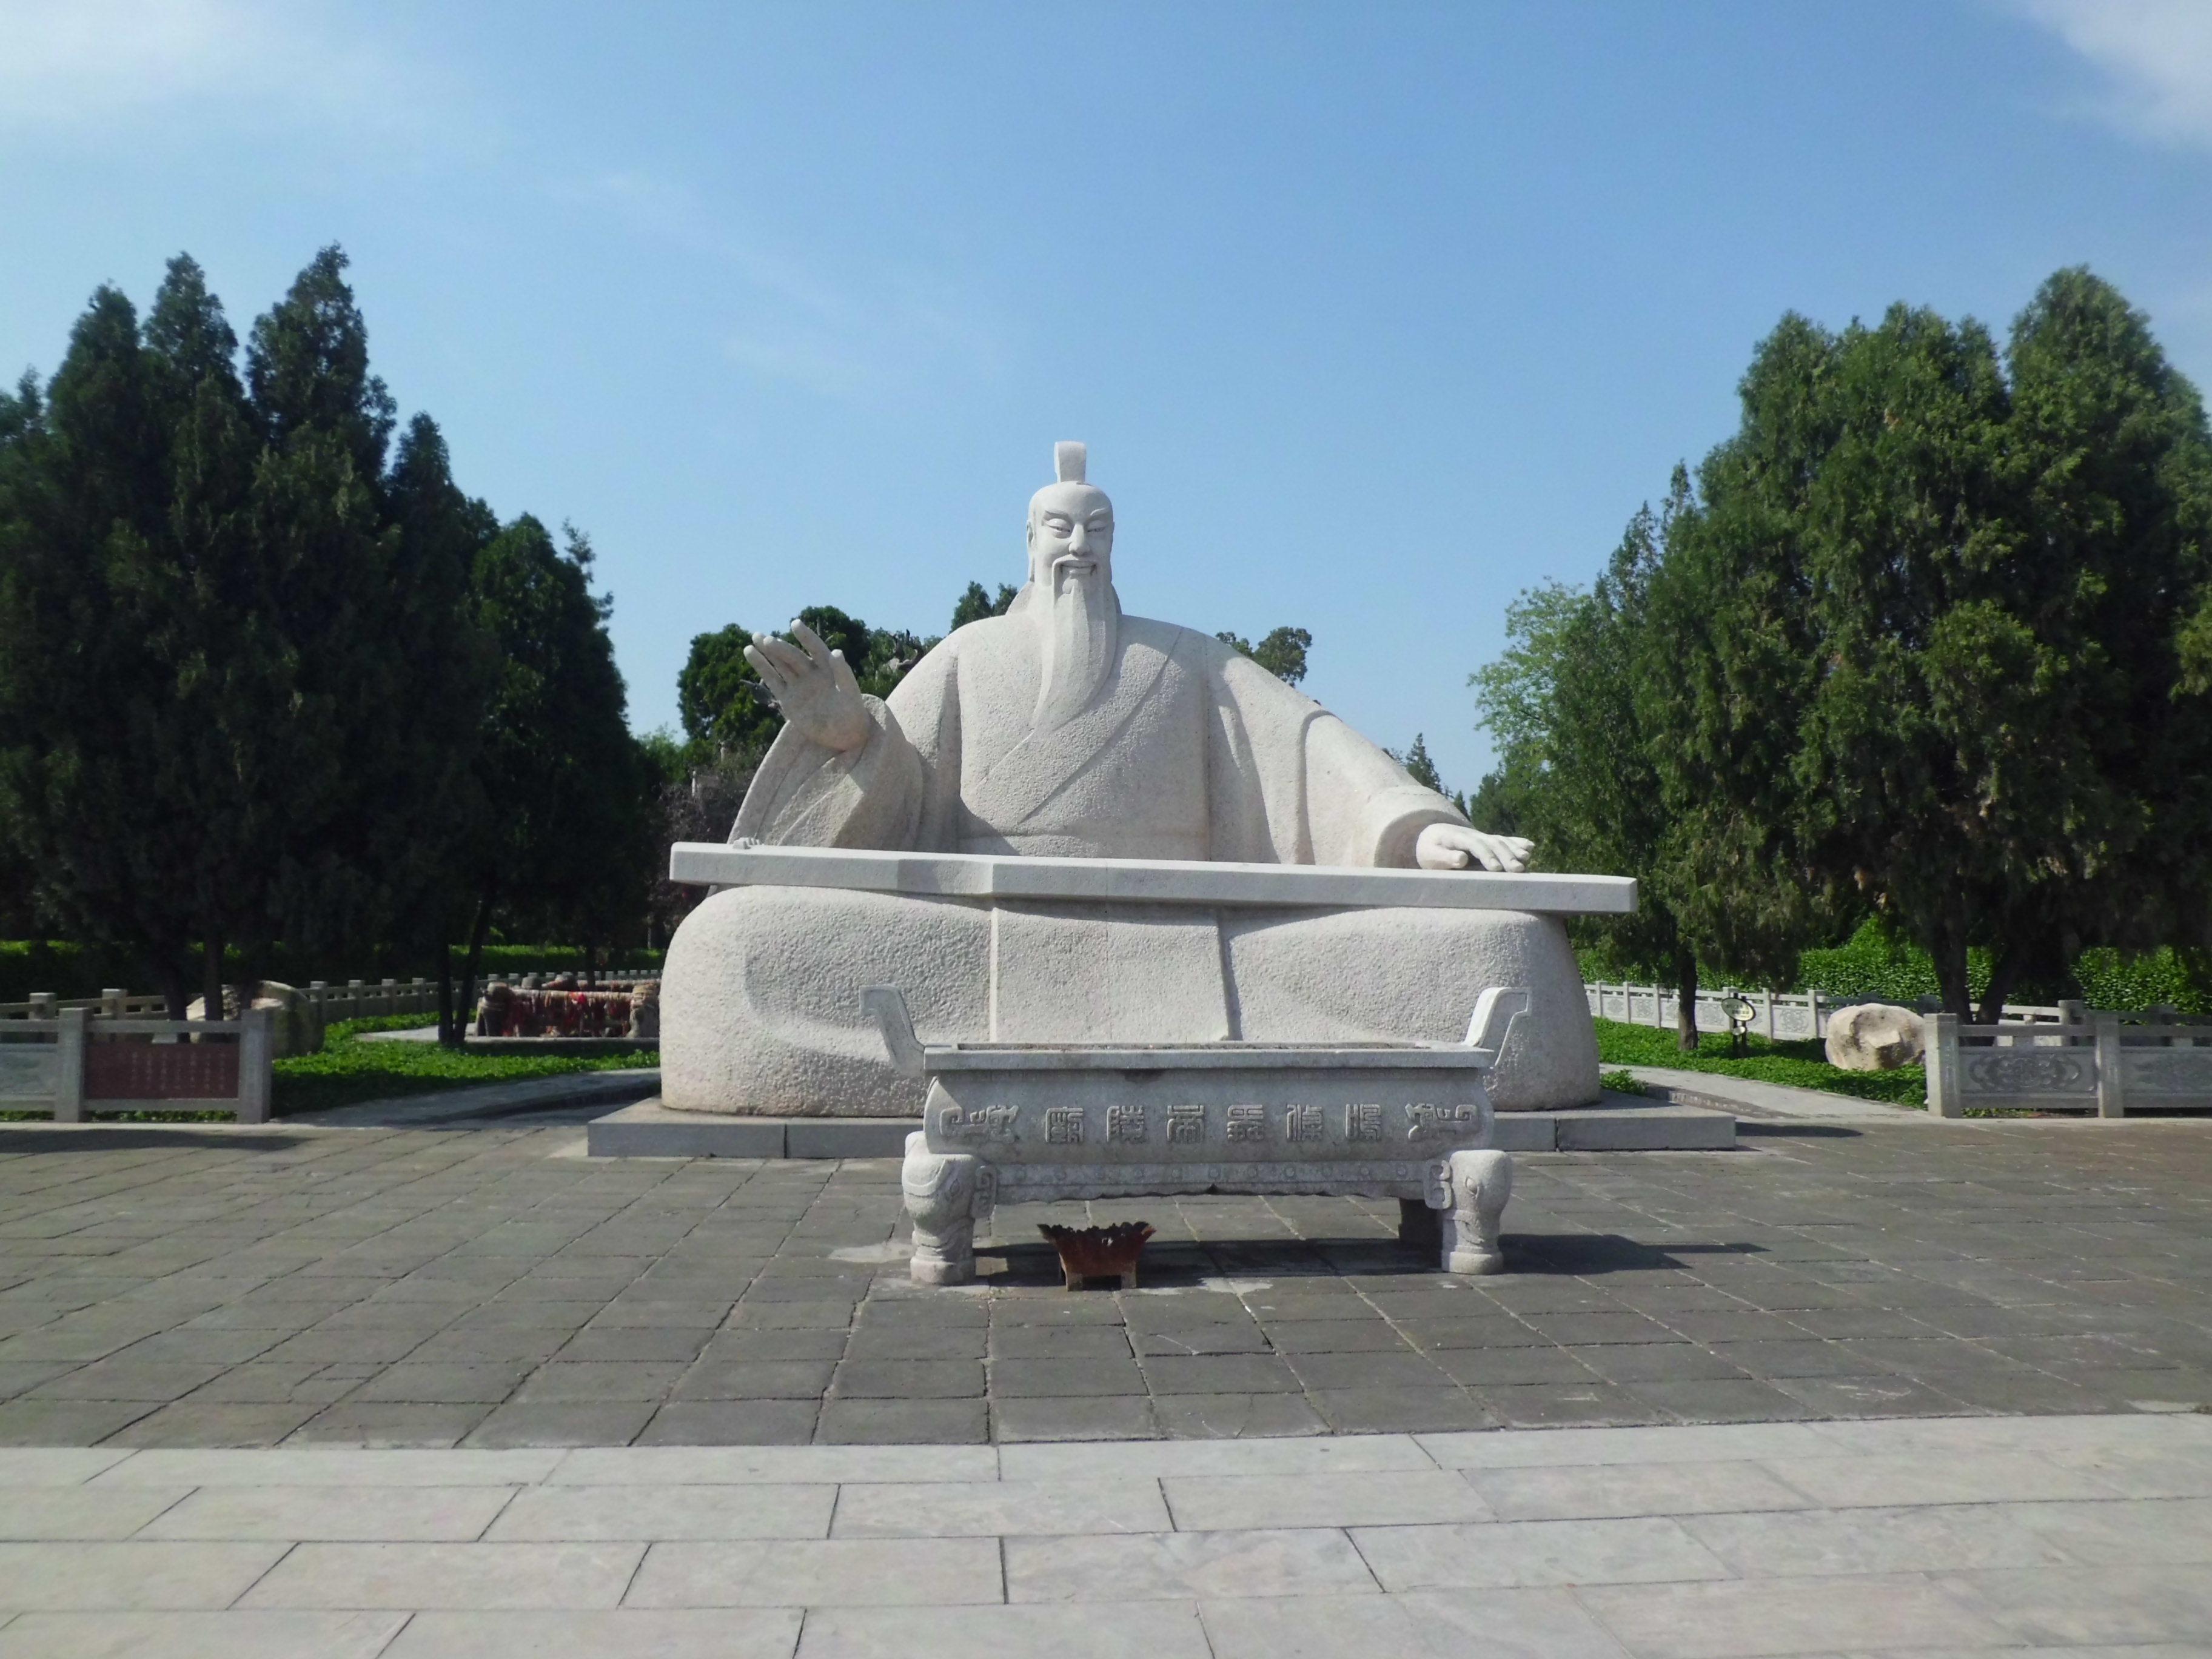 芮城旅游必去景点_芮城旅游景点推荐_芮城有什么好玩... _穷游网